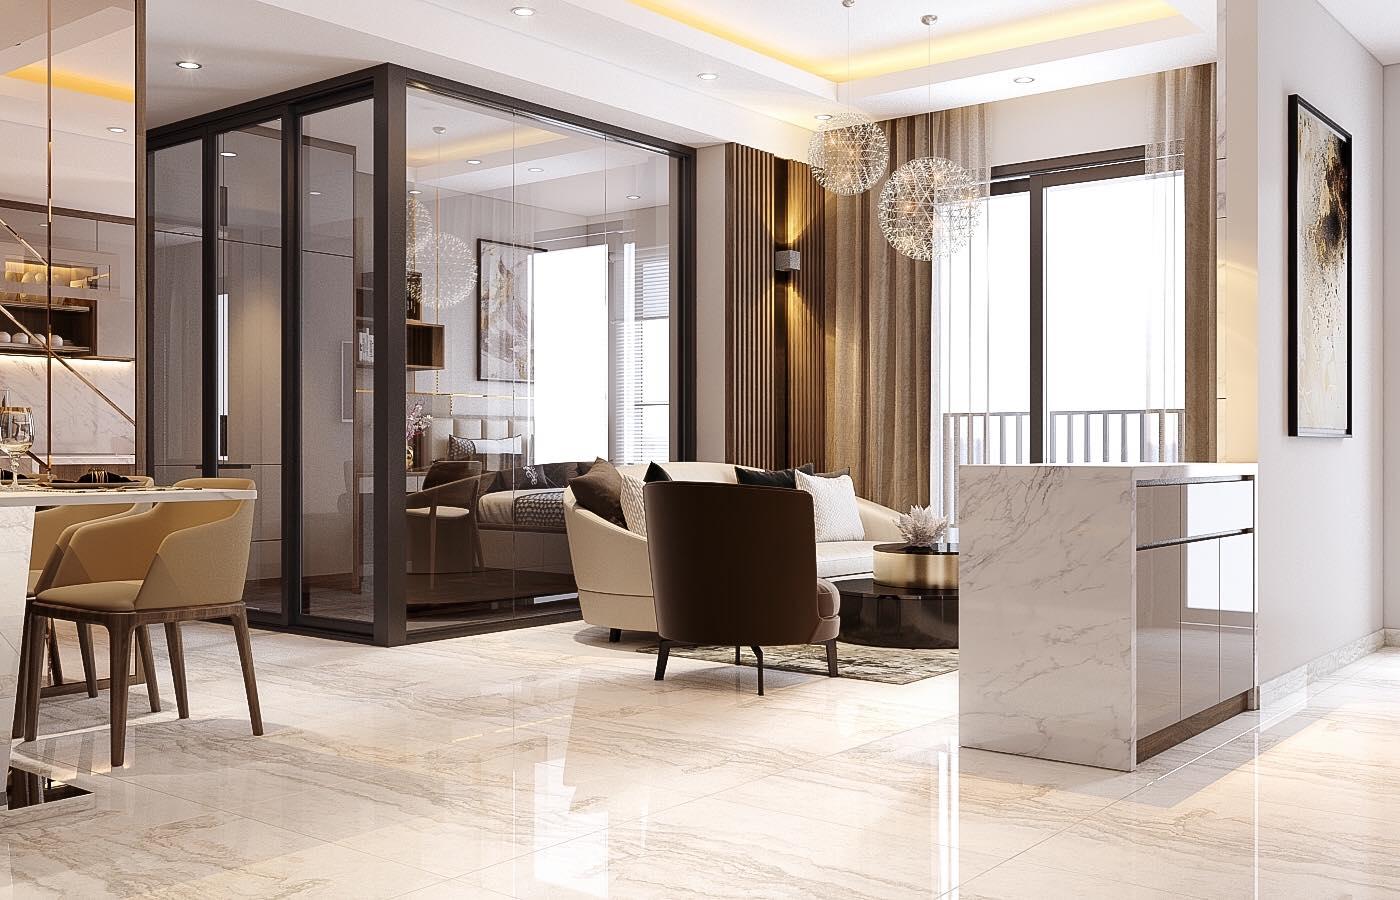 Mẫu thiết kế nội thất căn hộ 86m2